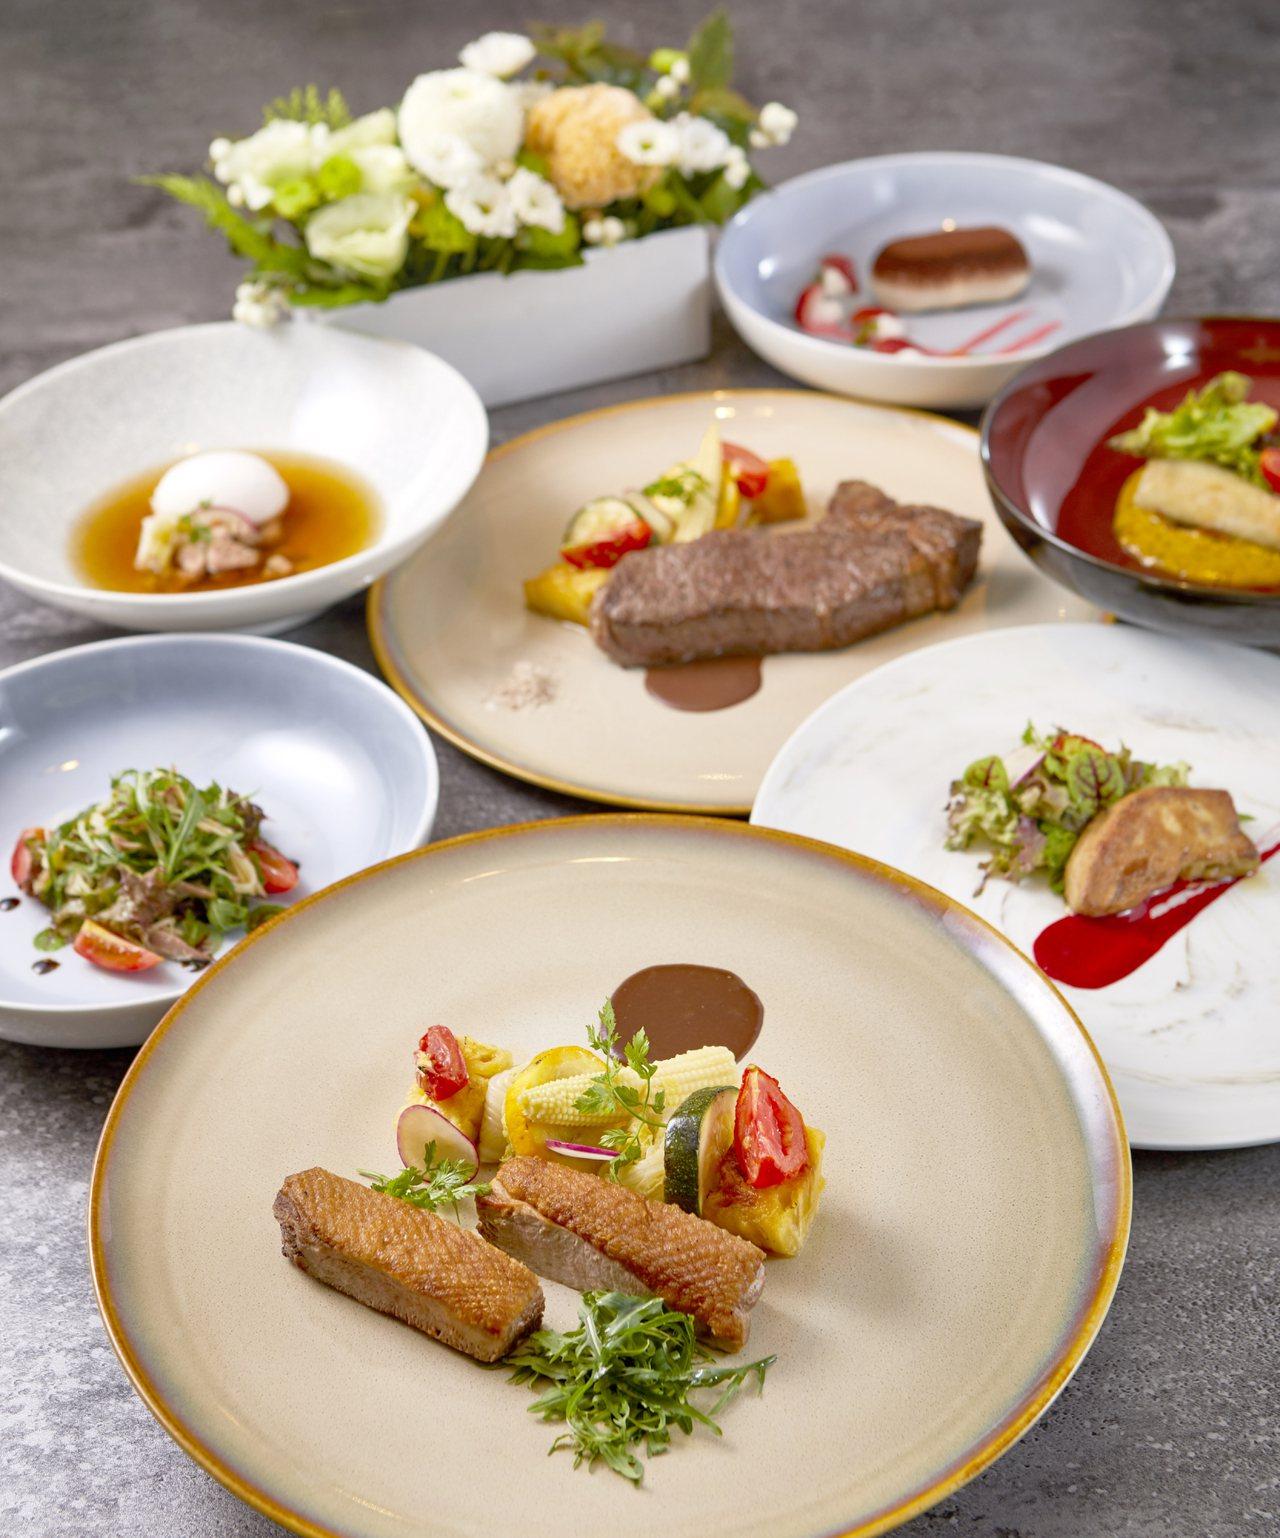 慕軒飯店GUSTOSO義大利餐廳從10月1日到12月23日推出義大利宮廷全鴨盛宴...